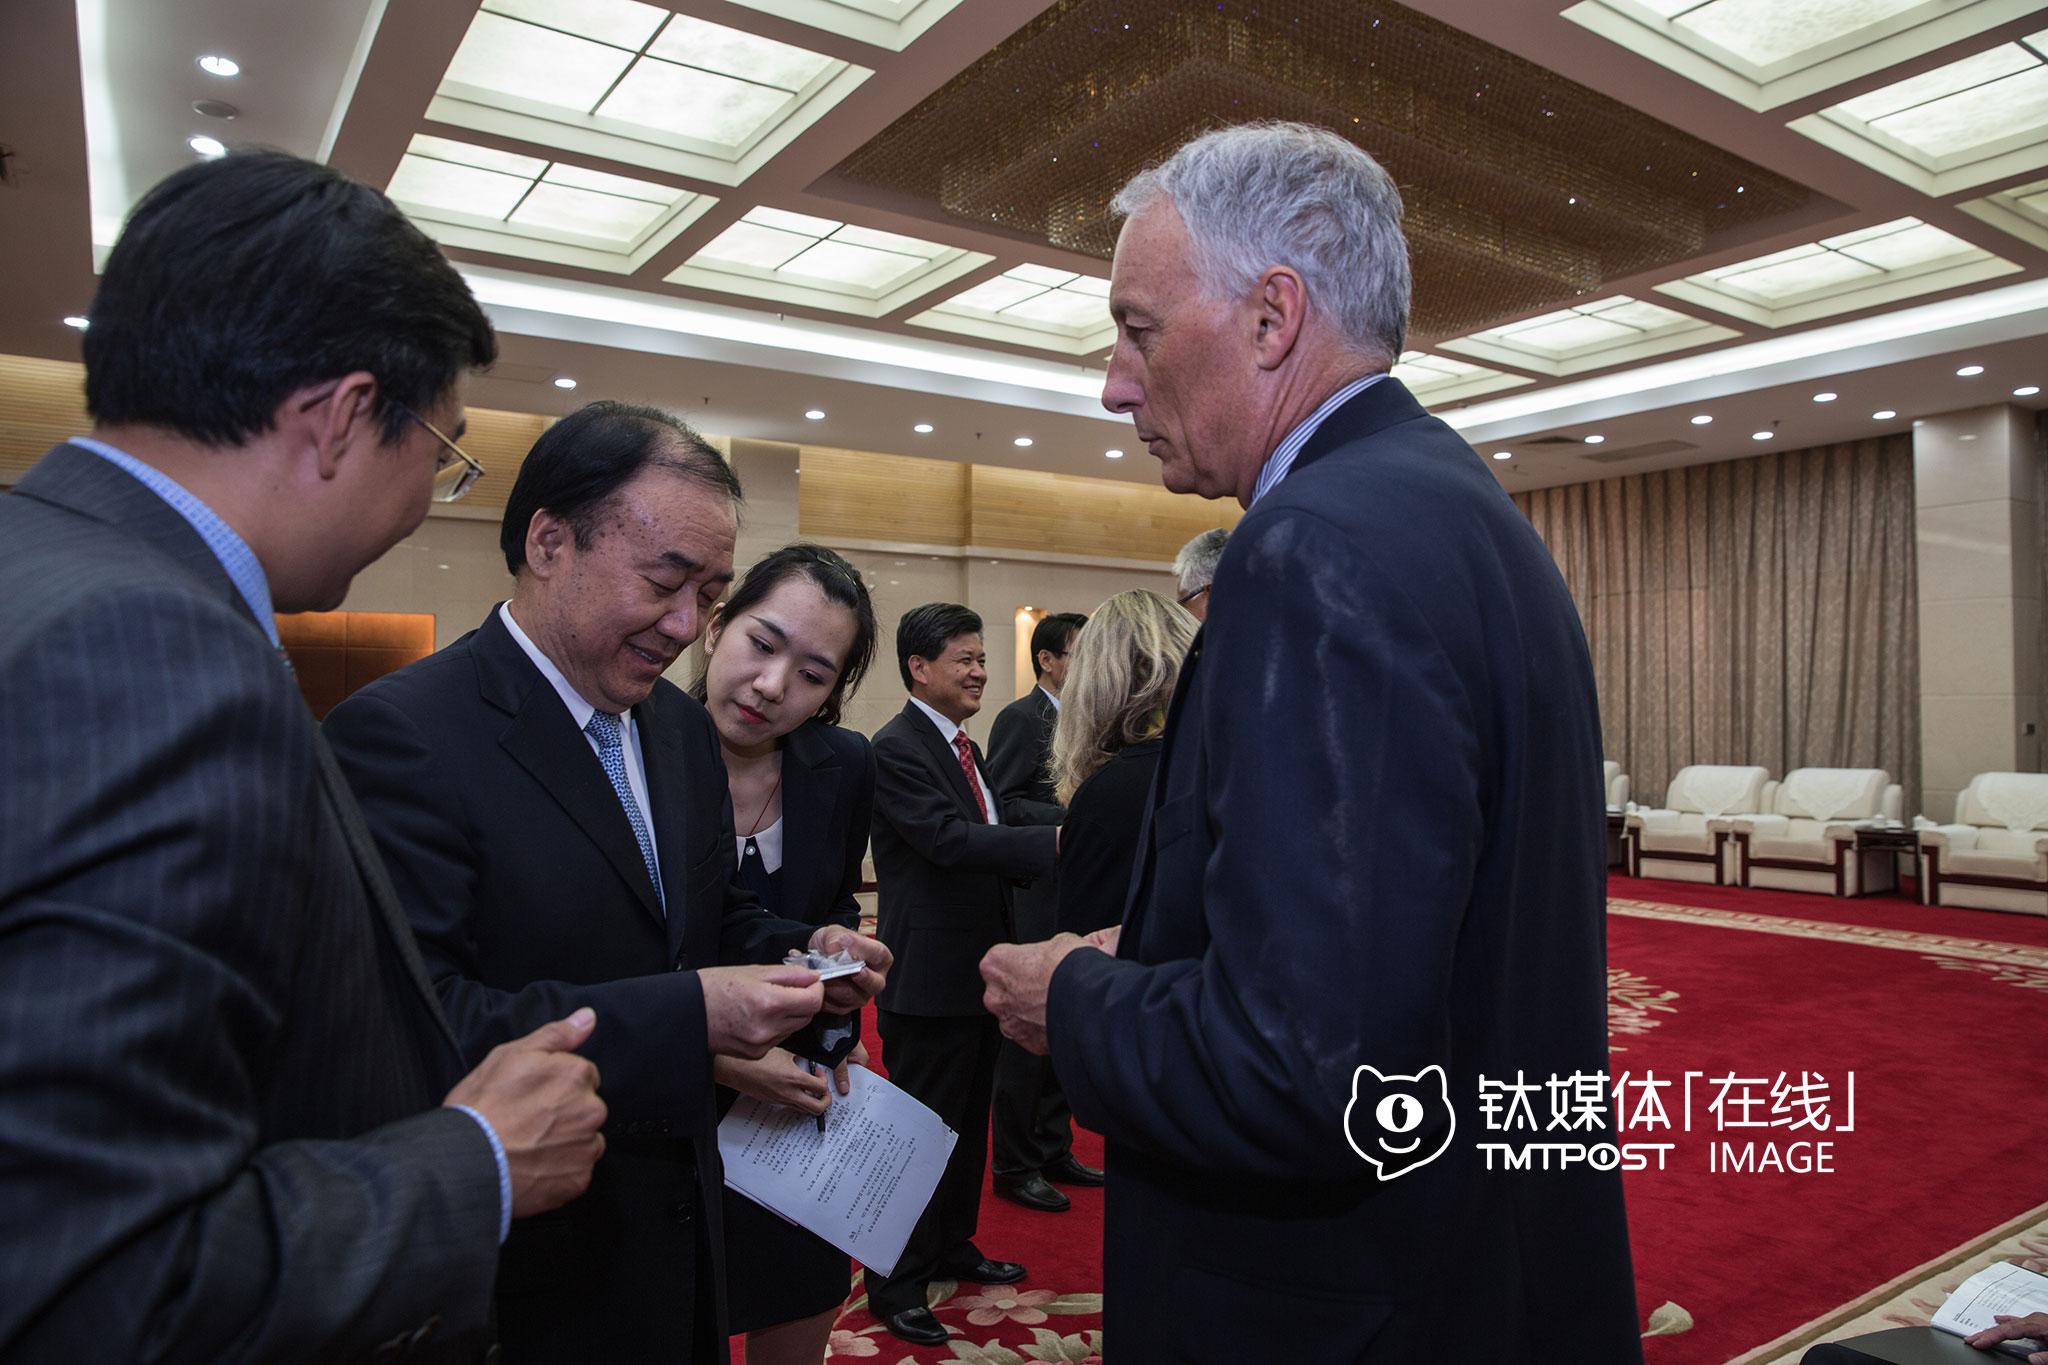 5月26日下午,河南省副省长徐济超会见了硅谷市长们。